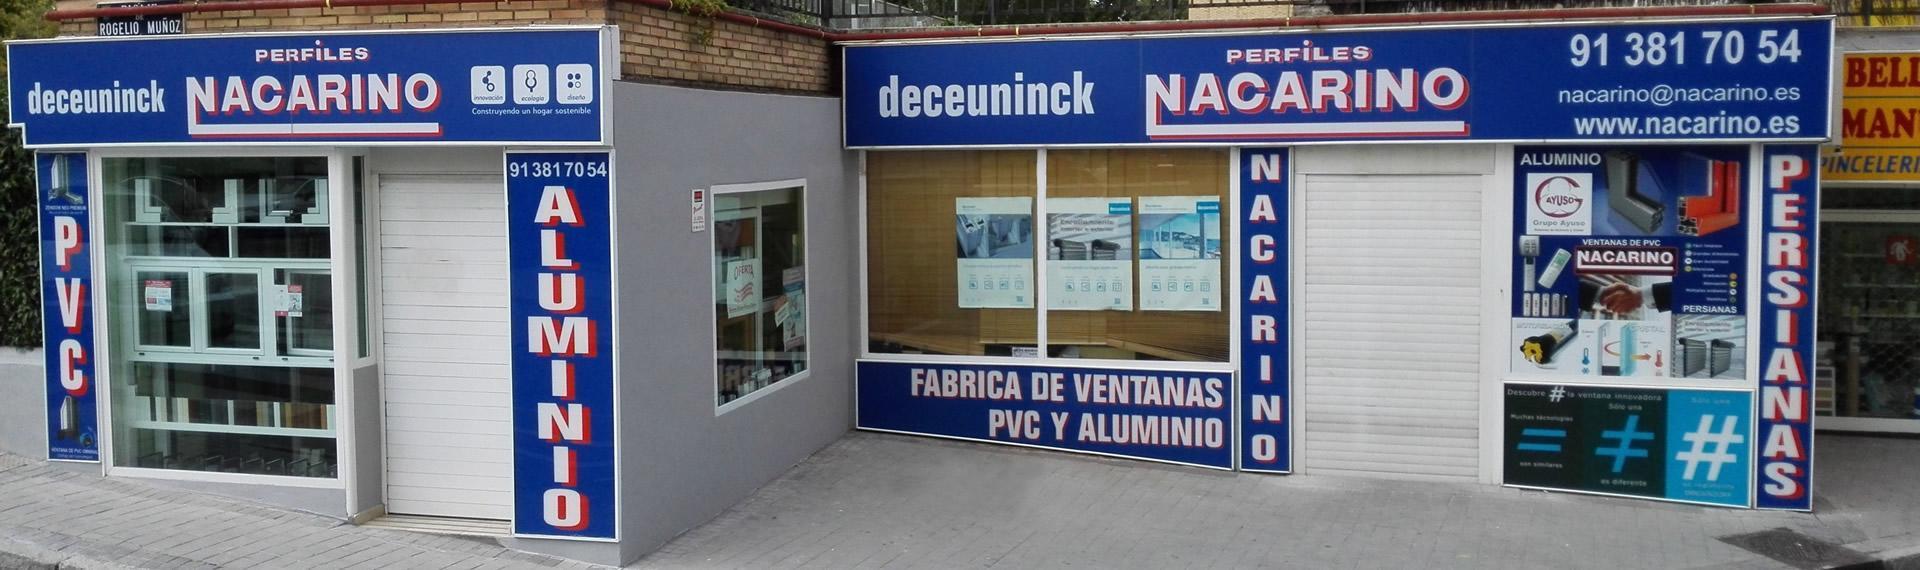 fabricante e instalador de ventanas de pvc y aluminio homologado y adherido a los planes renove de la comunidad de madrid